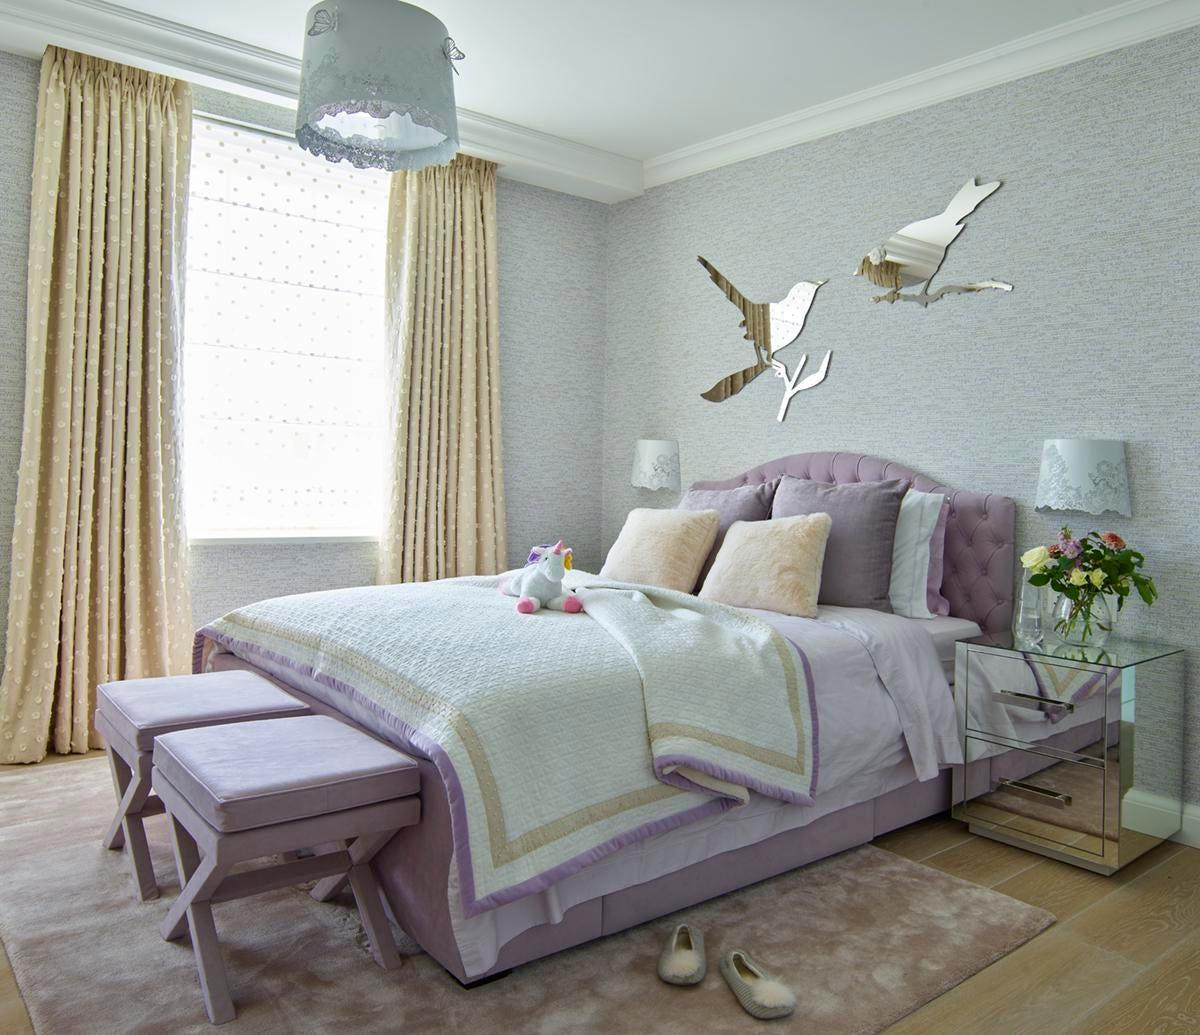 Kensington Townhouse Children's Bedroom